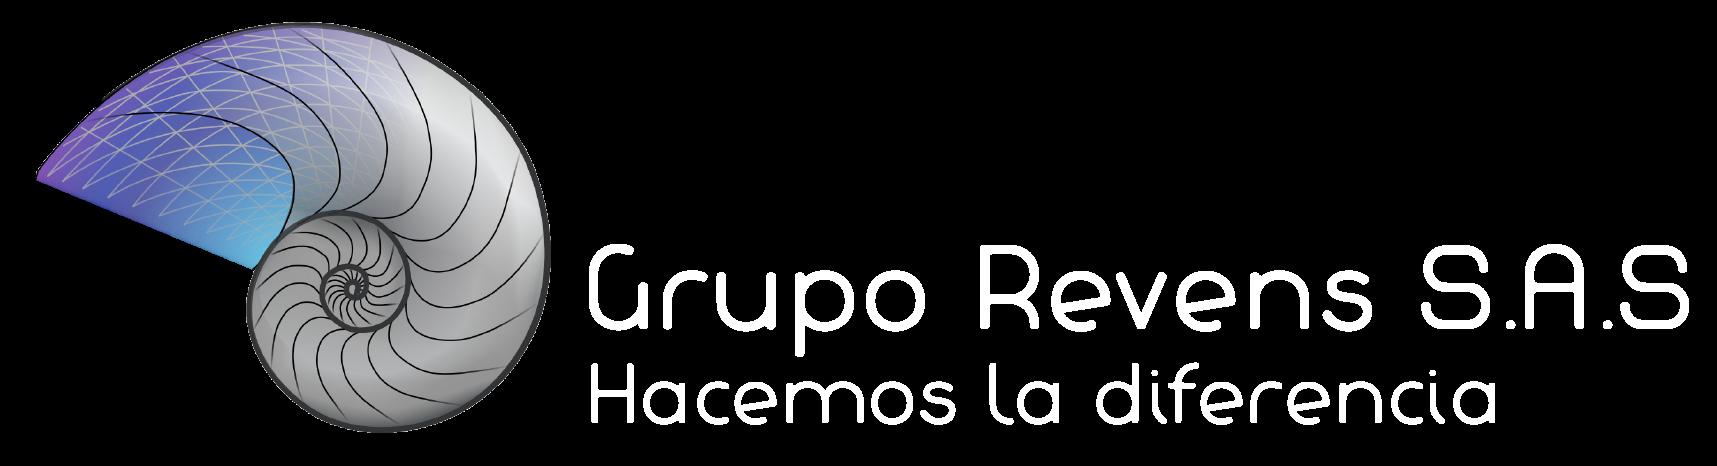 Grupo Revens S.A.S